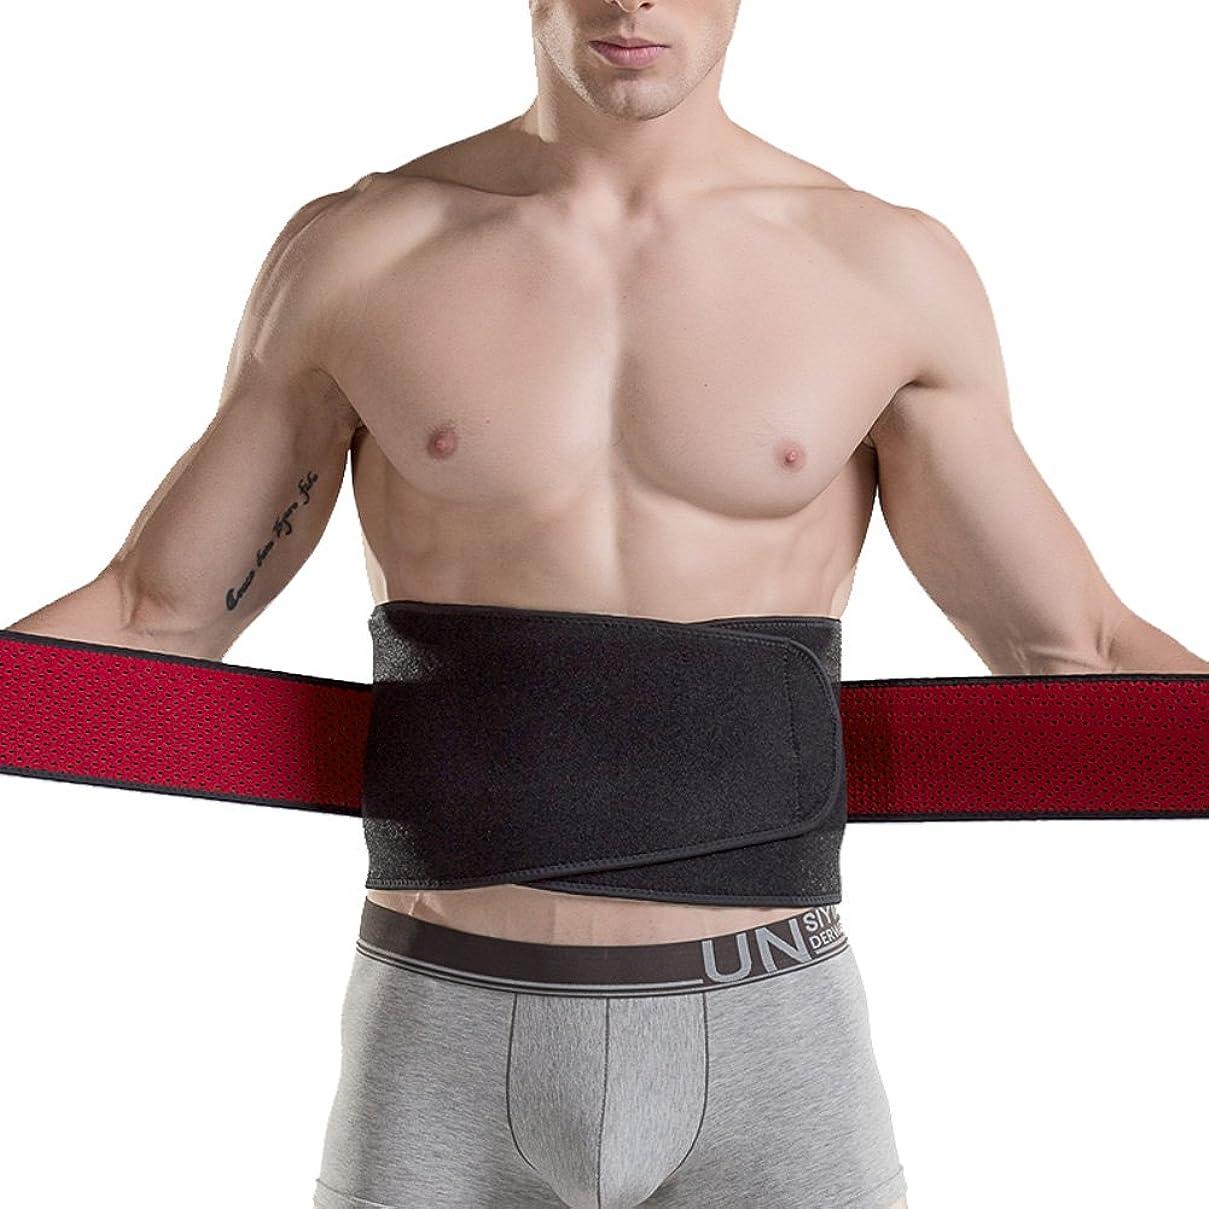 受賞早いアレイ[RSWHYY] メンズ ウエストサポーター 二重加圧 腹巻 調節可 ケガ防止 腰痛緩和 ジム フィットネス